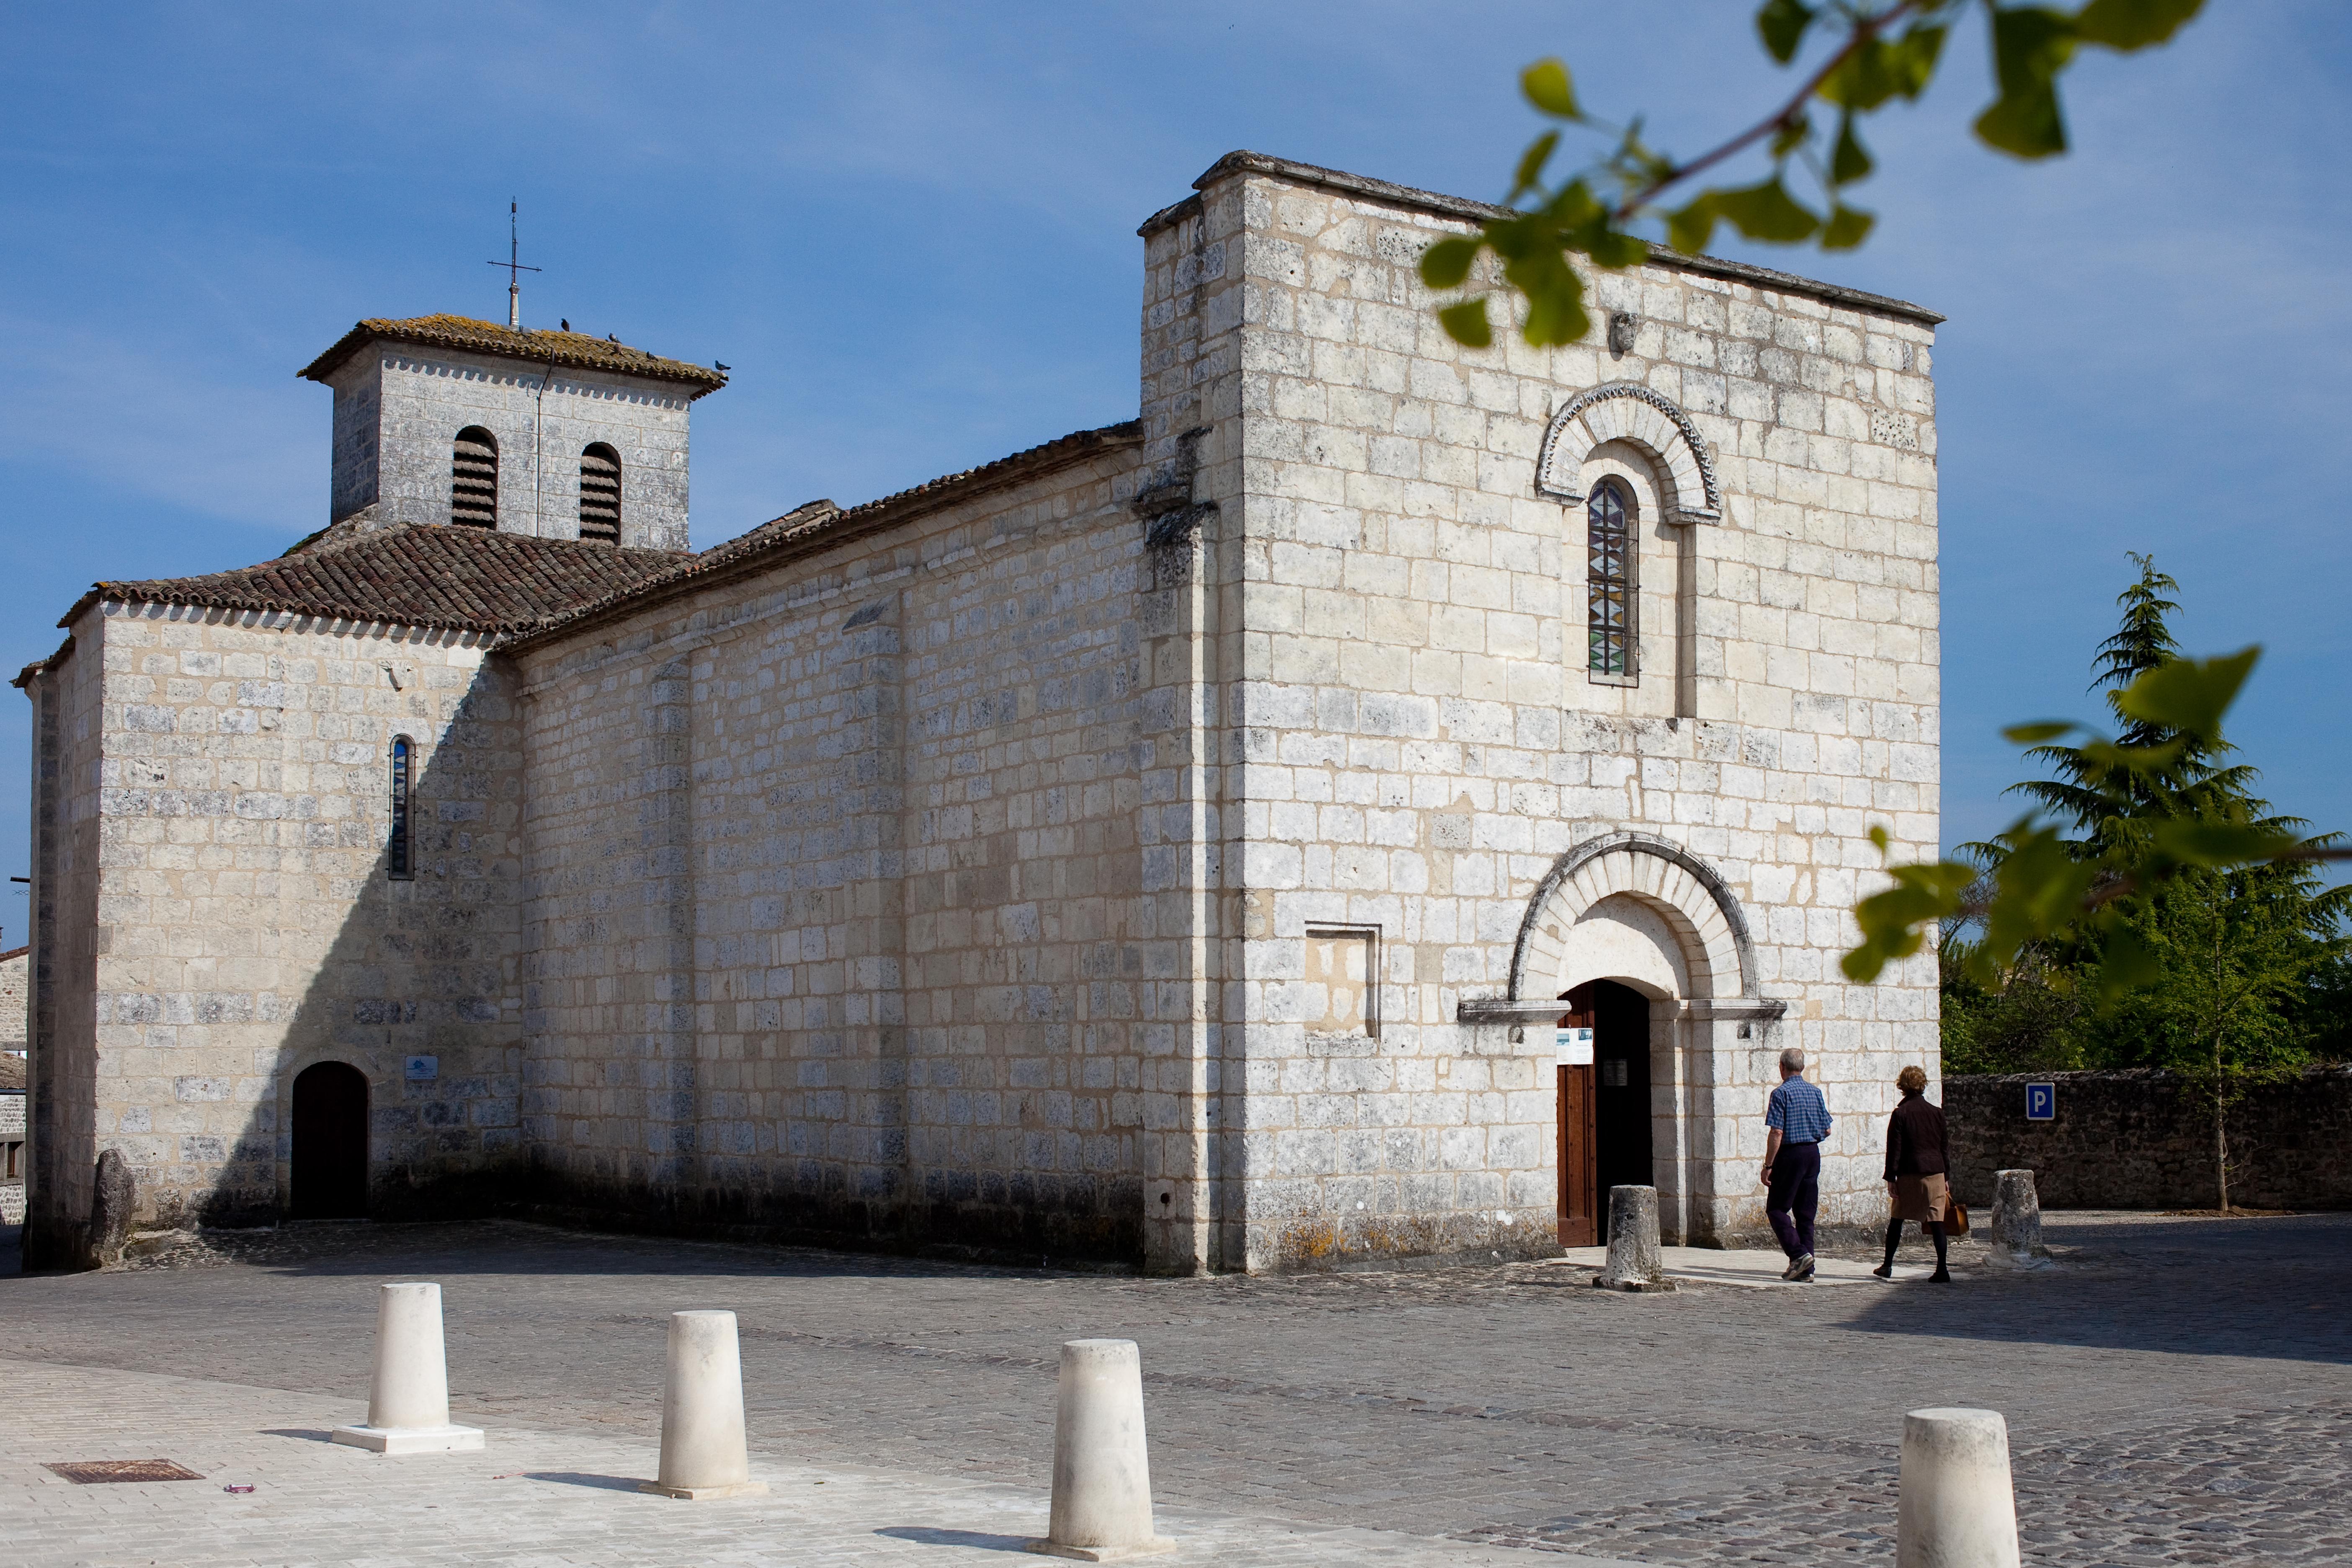 église de Soyaux, façade blanche, ciel bleu,